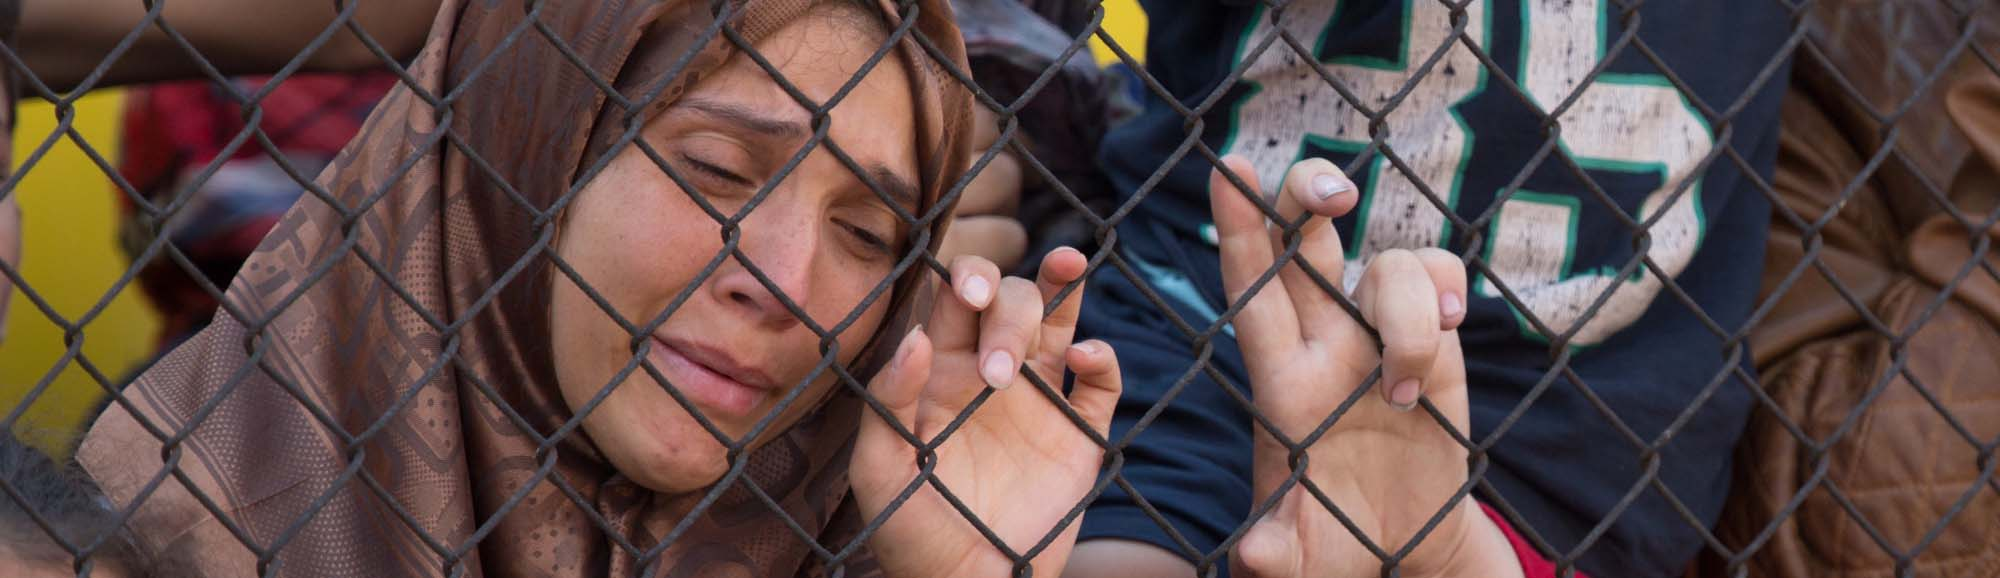 Migranti, rotta balcanica, traffico di armi